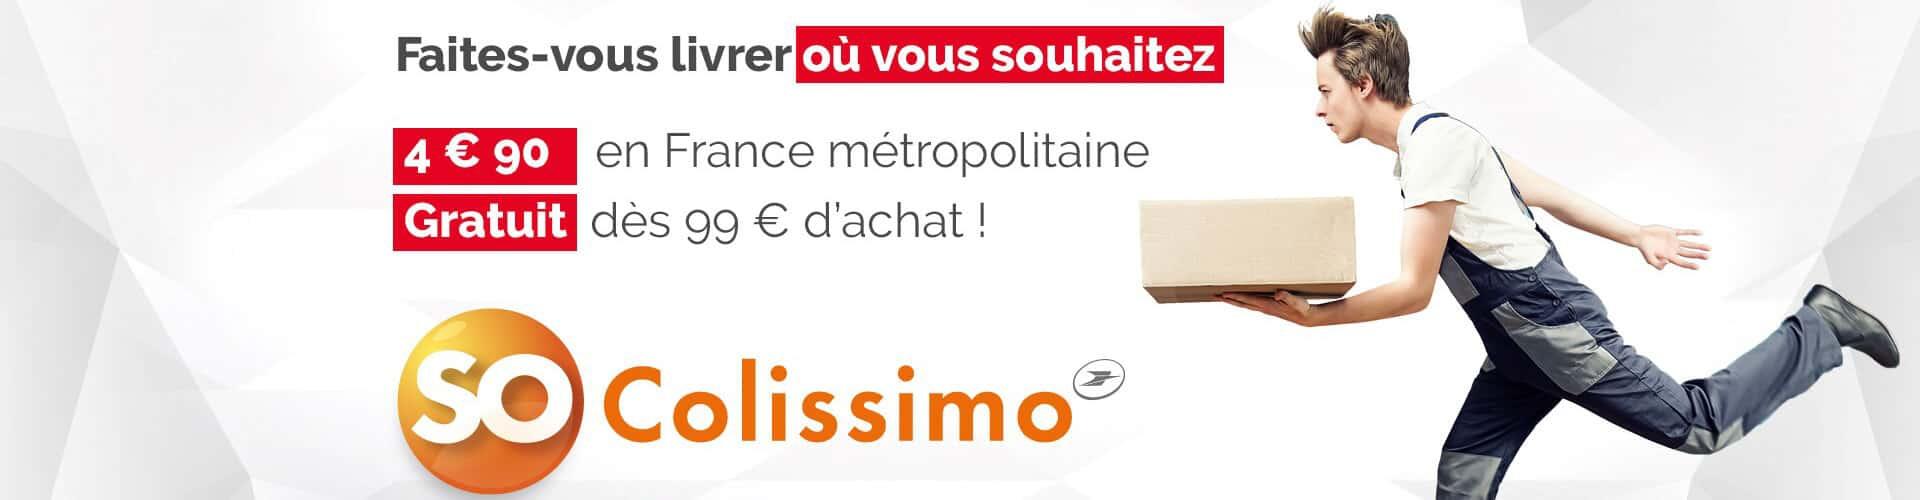 Livraison par Colissimo gratuite des 99€